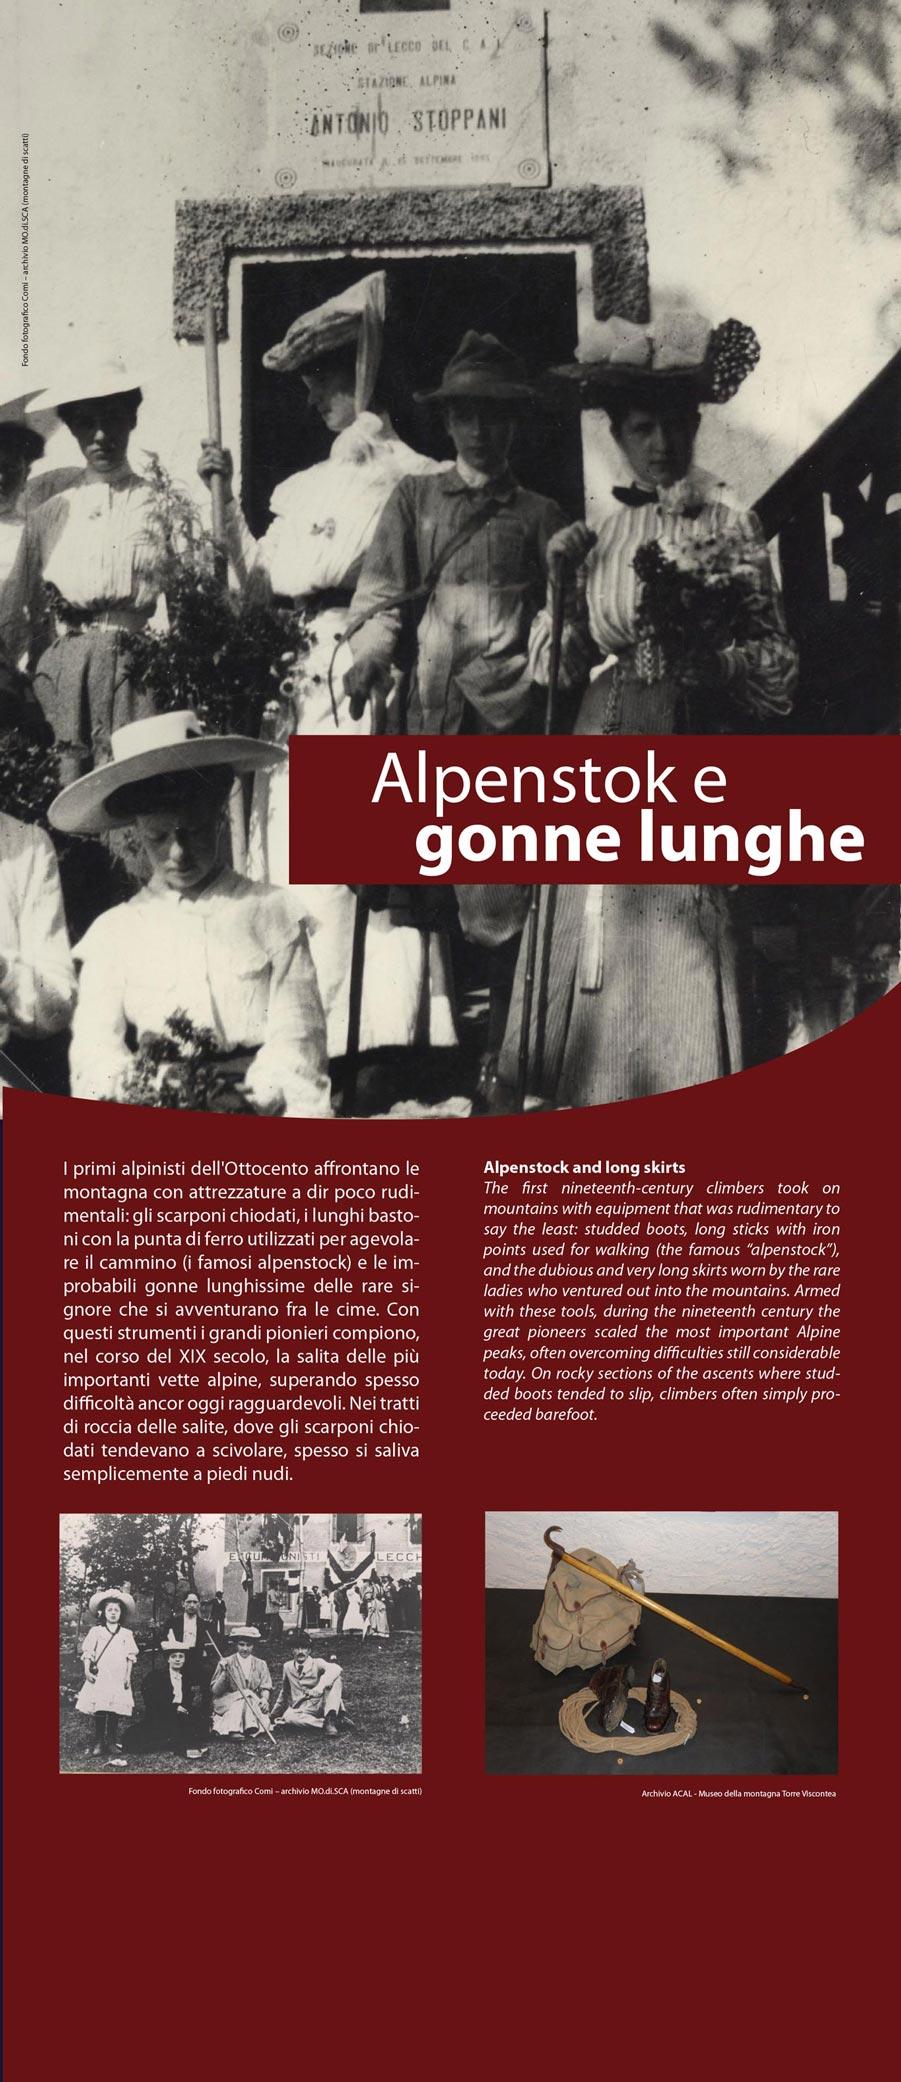 Alpenstock-e-gonne-lunghe